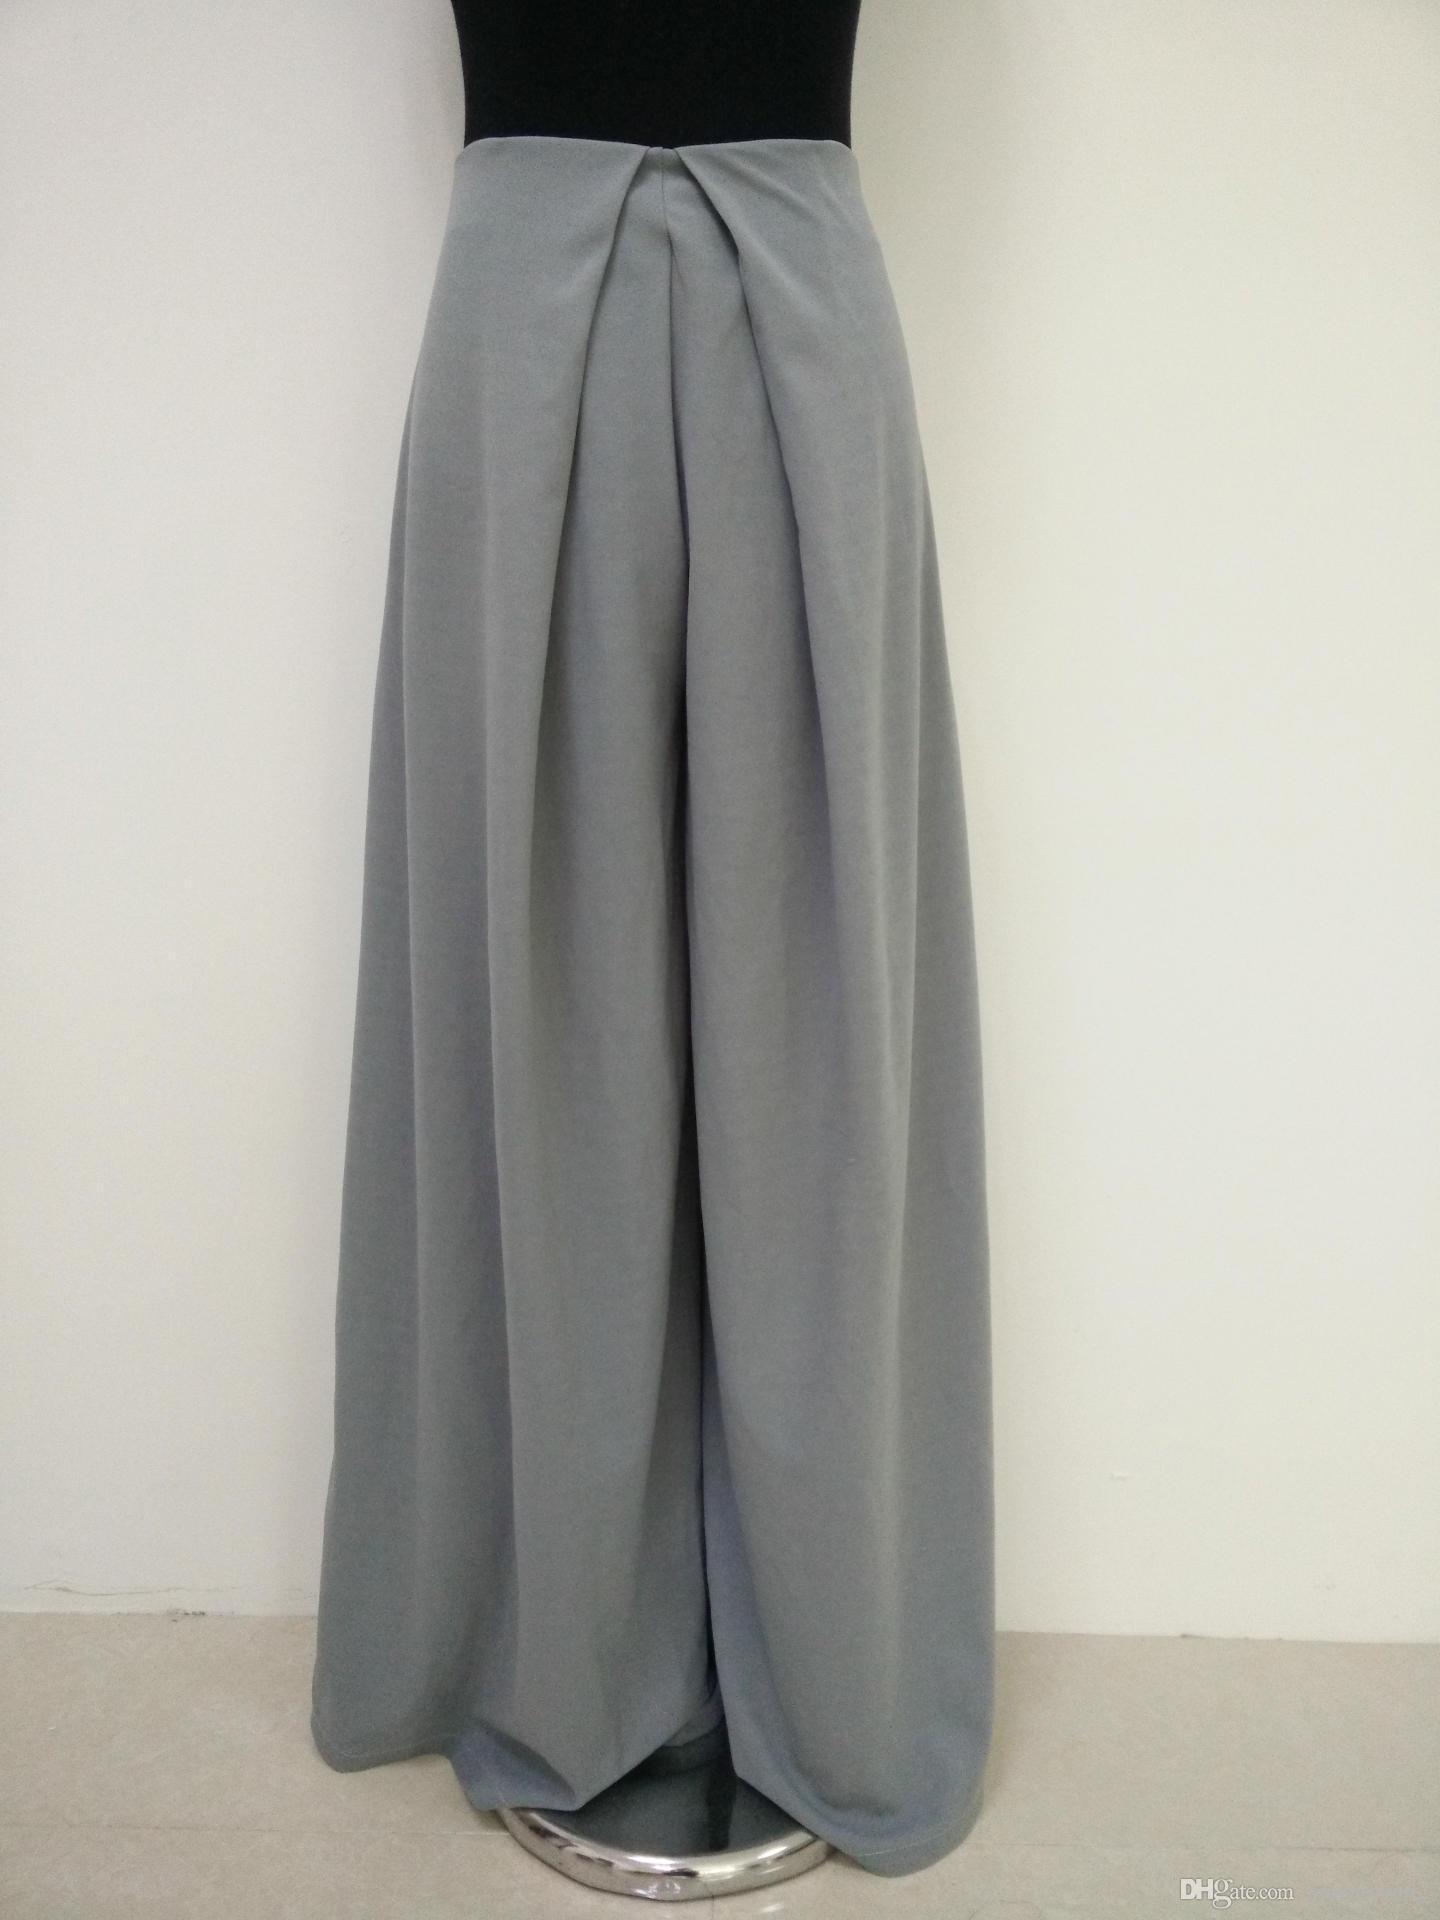 l'atteggiamento migliore 02702 8522a Acquista Pantaloni Gamba Larga Pantalones Mujer 2017 Donne Pantaloni Moda  Estate Vita Alta Più Le Dimensioni Pantaloni Larghi Donne A $10.05 Dal ...